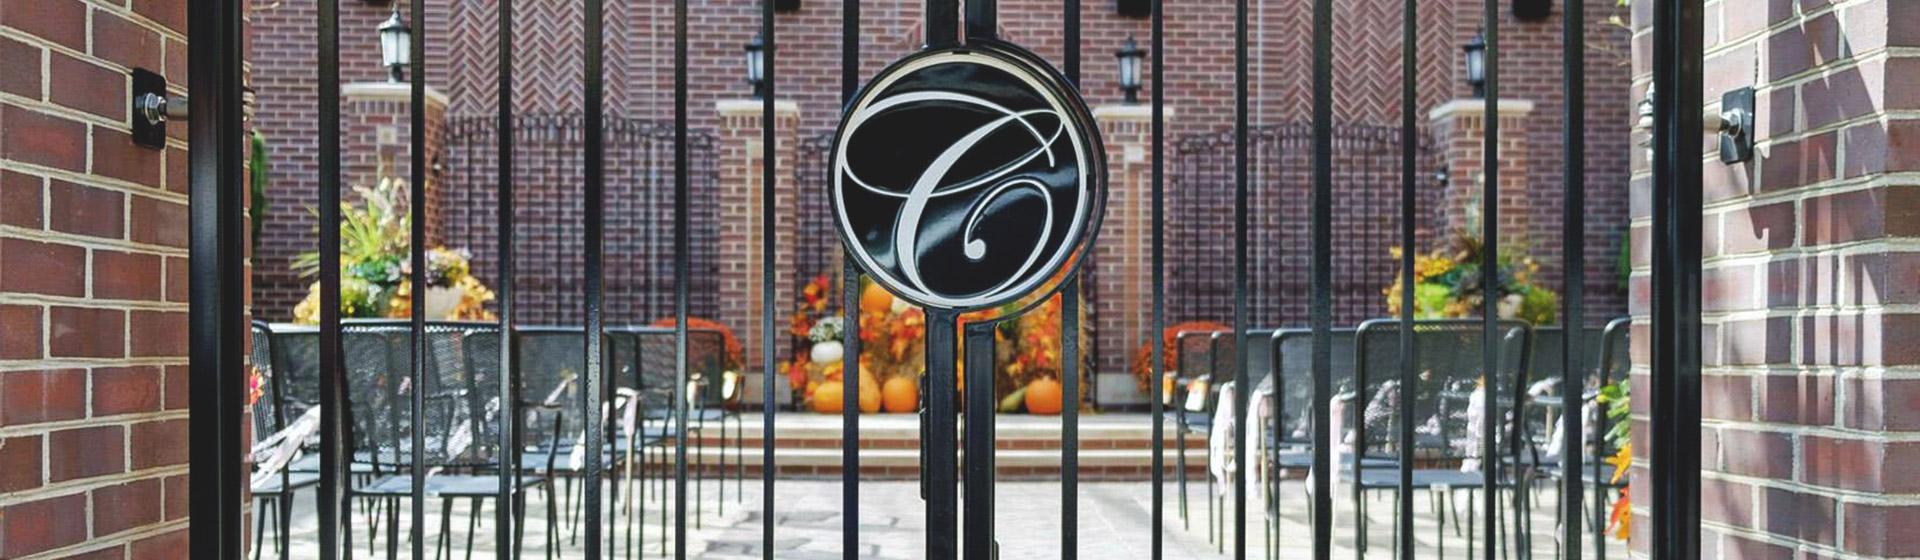 Gate of Charley Creek Inn - Wabash, Indiana